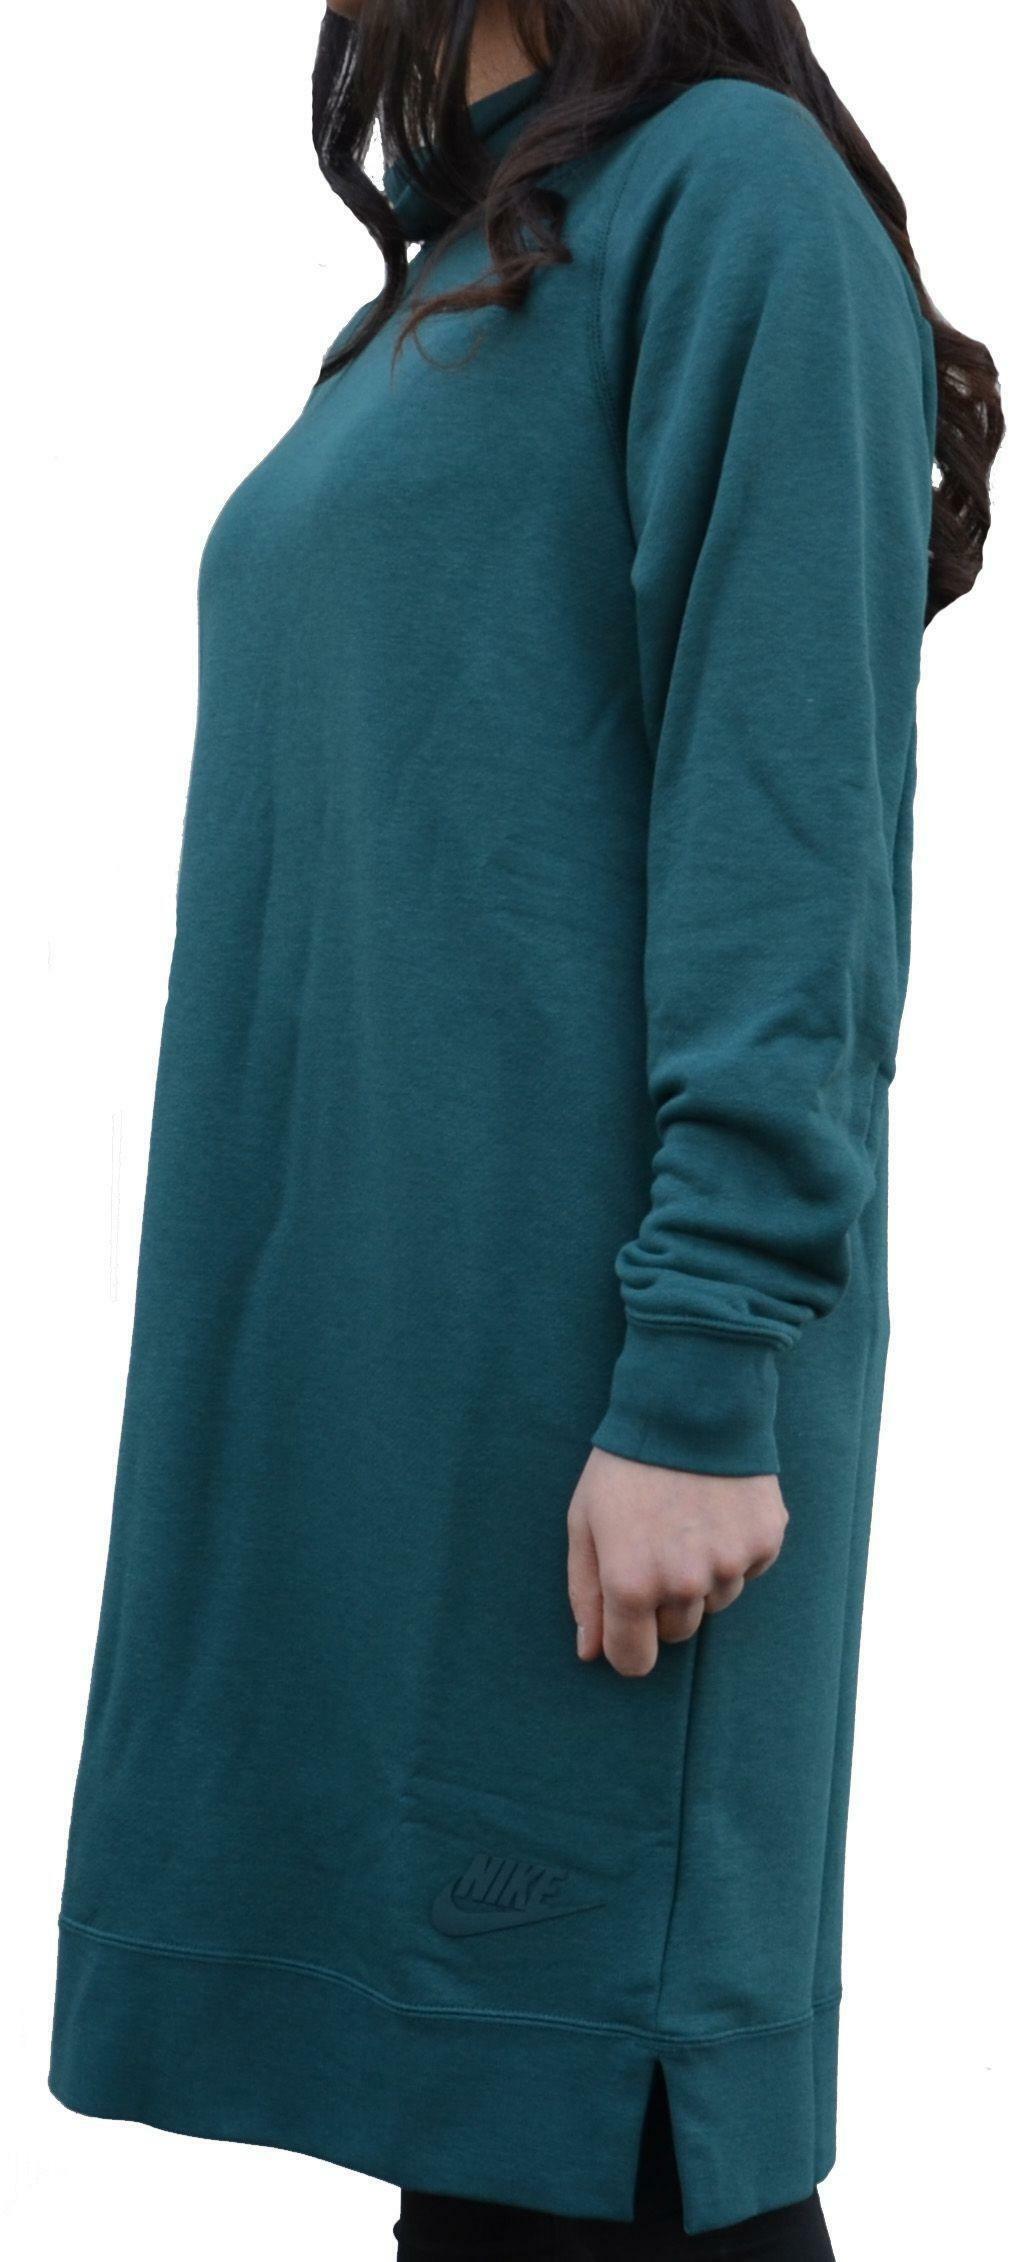 nike nike sportswear vestito donna verde